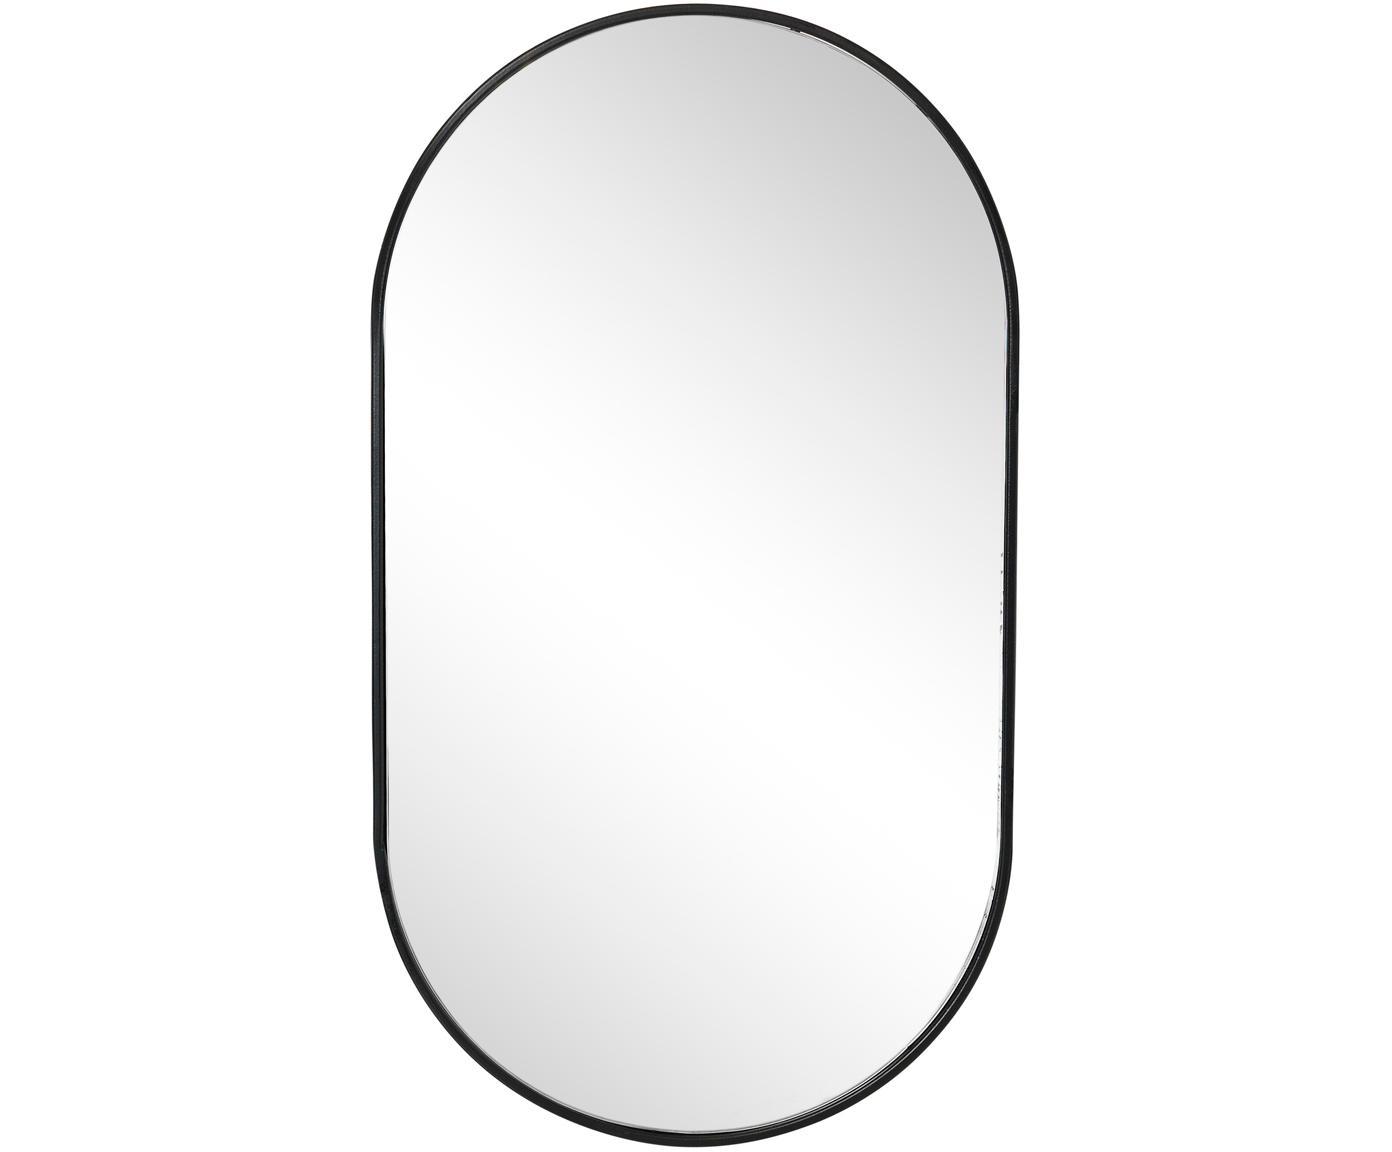 Owalne lustro ścienne z metalu Pelle, Czarny, S 33 x W 66 cm